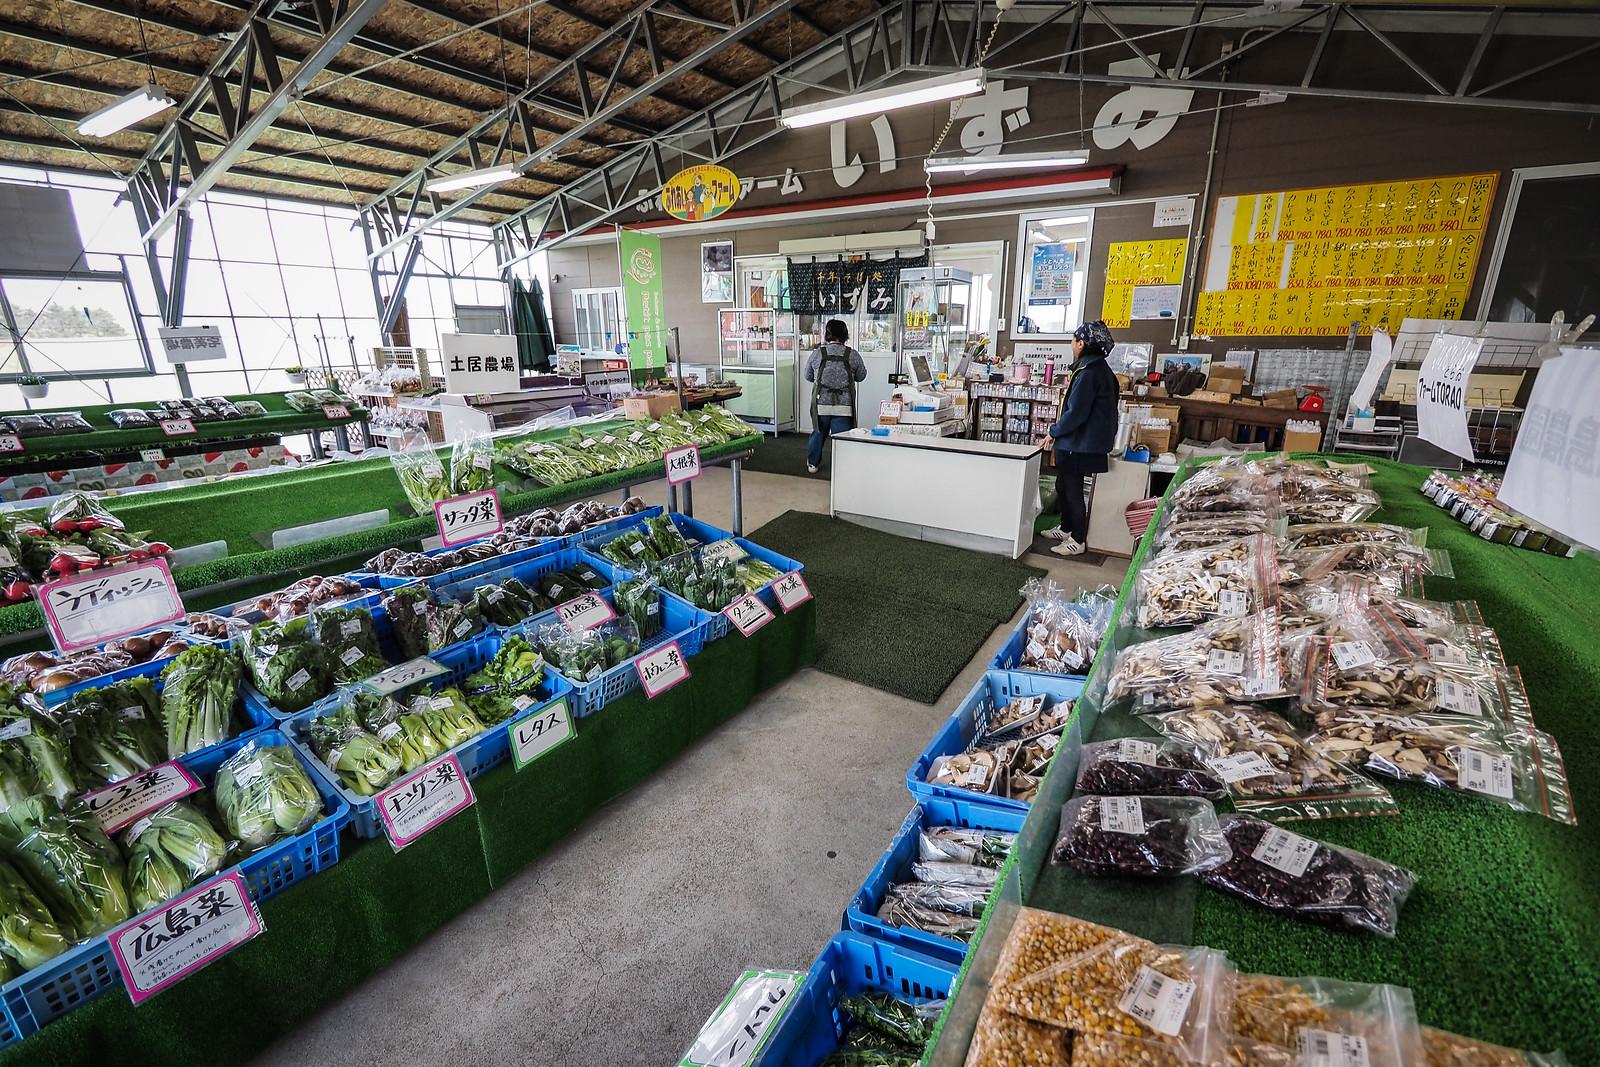 Farm-direct vegetable stall near Naganuma, Hokkaido, Japan